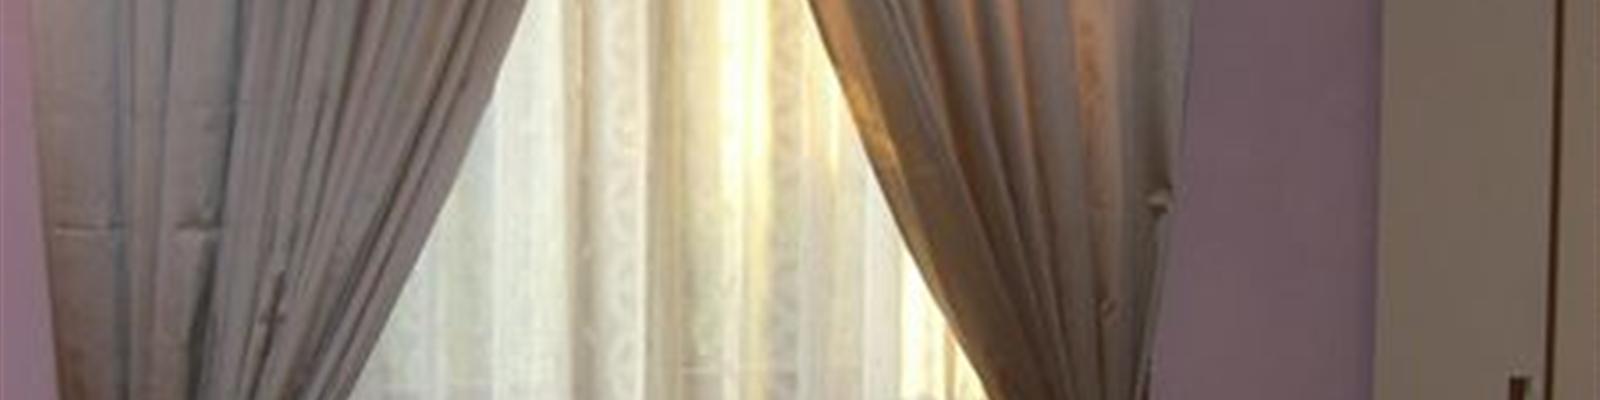 Tenda Doppia Con Bastone.Aral Tendaggi Prodotti Tende Verticali Tende Alla Veneziana Tende